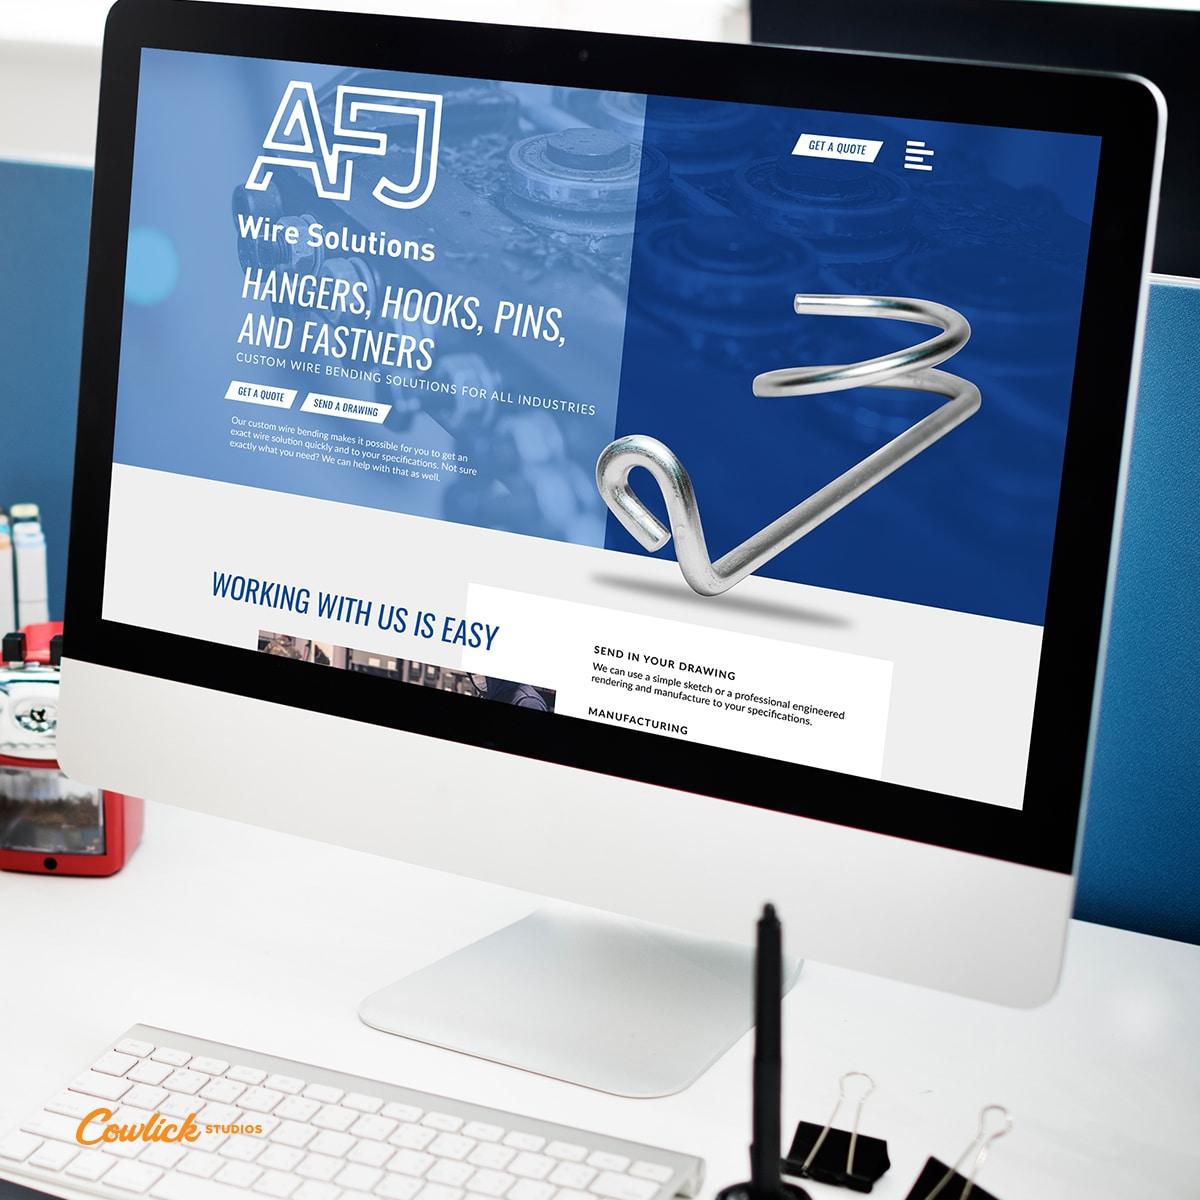 Web Design Kingsville - AFJ Wire Solutions Web Design